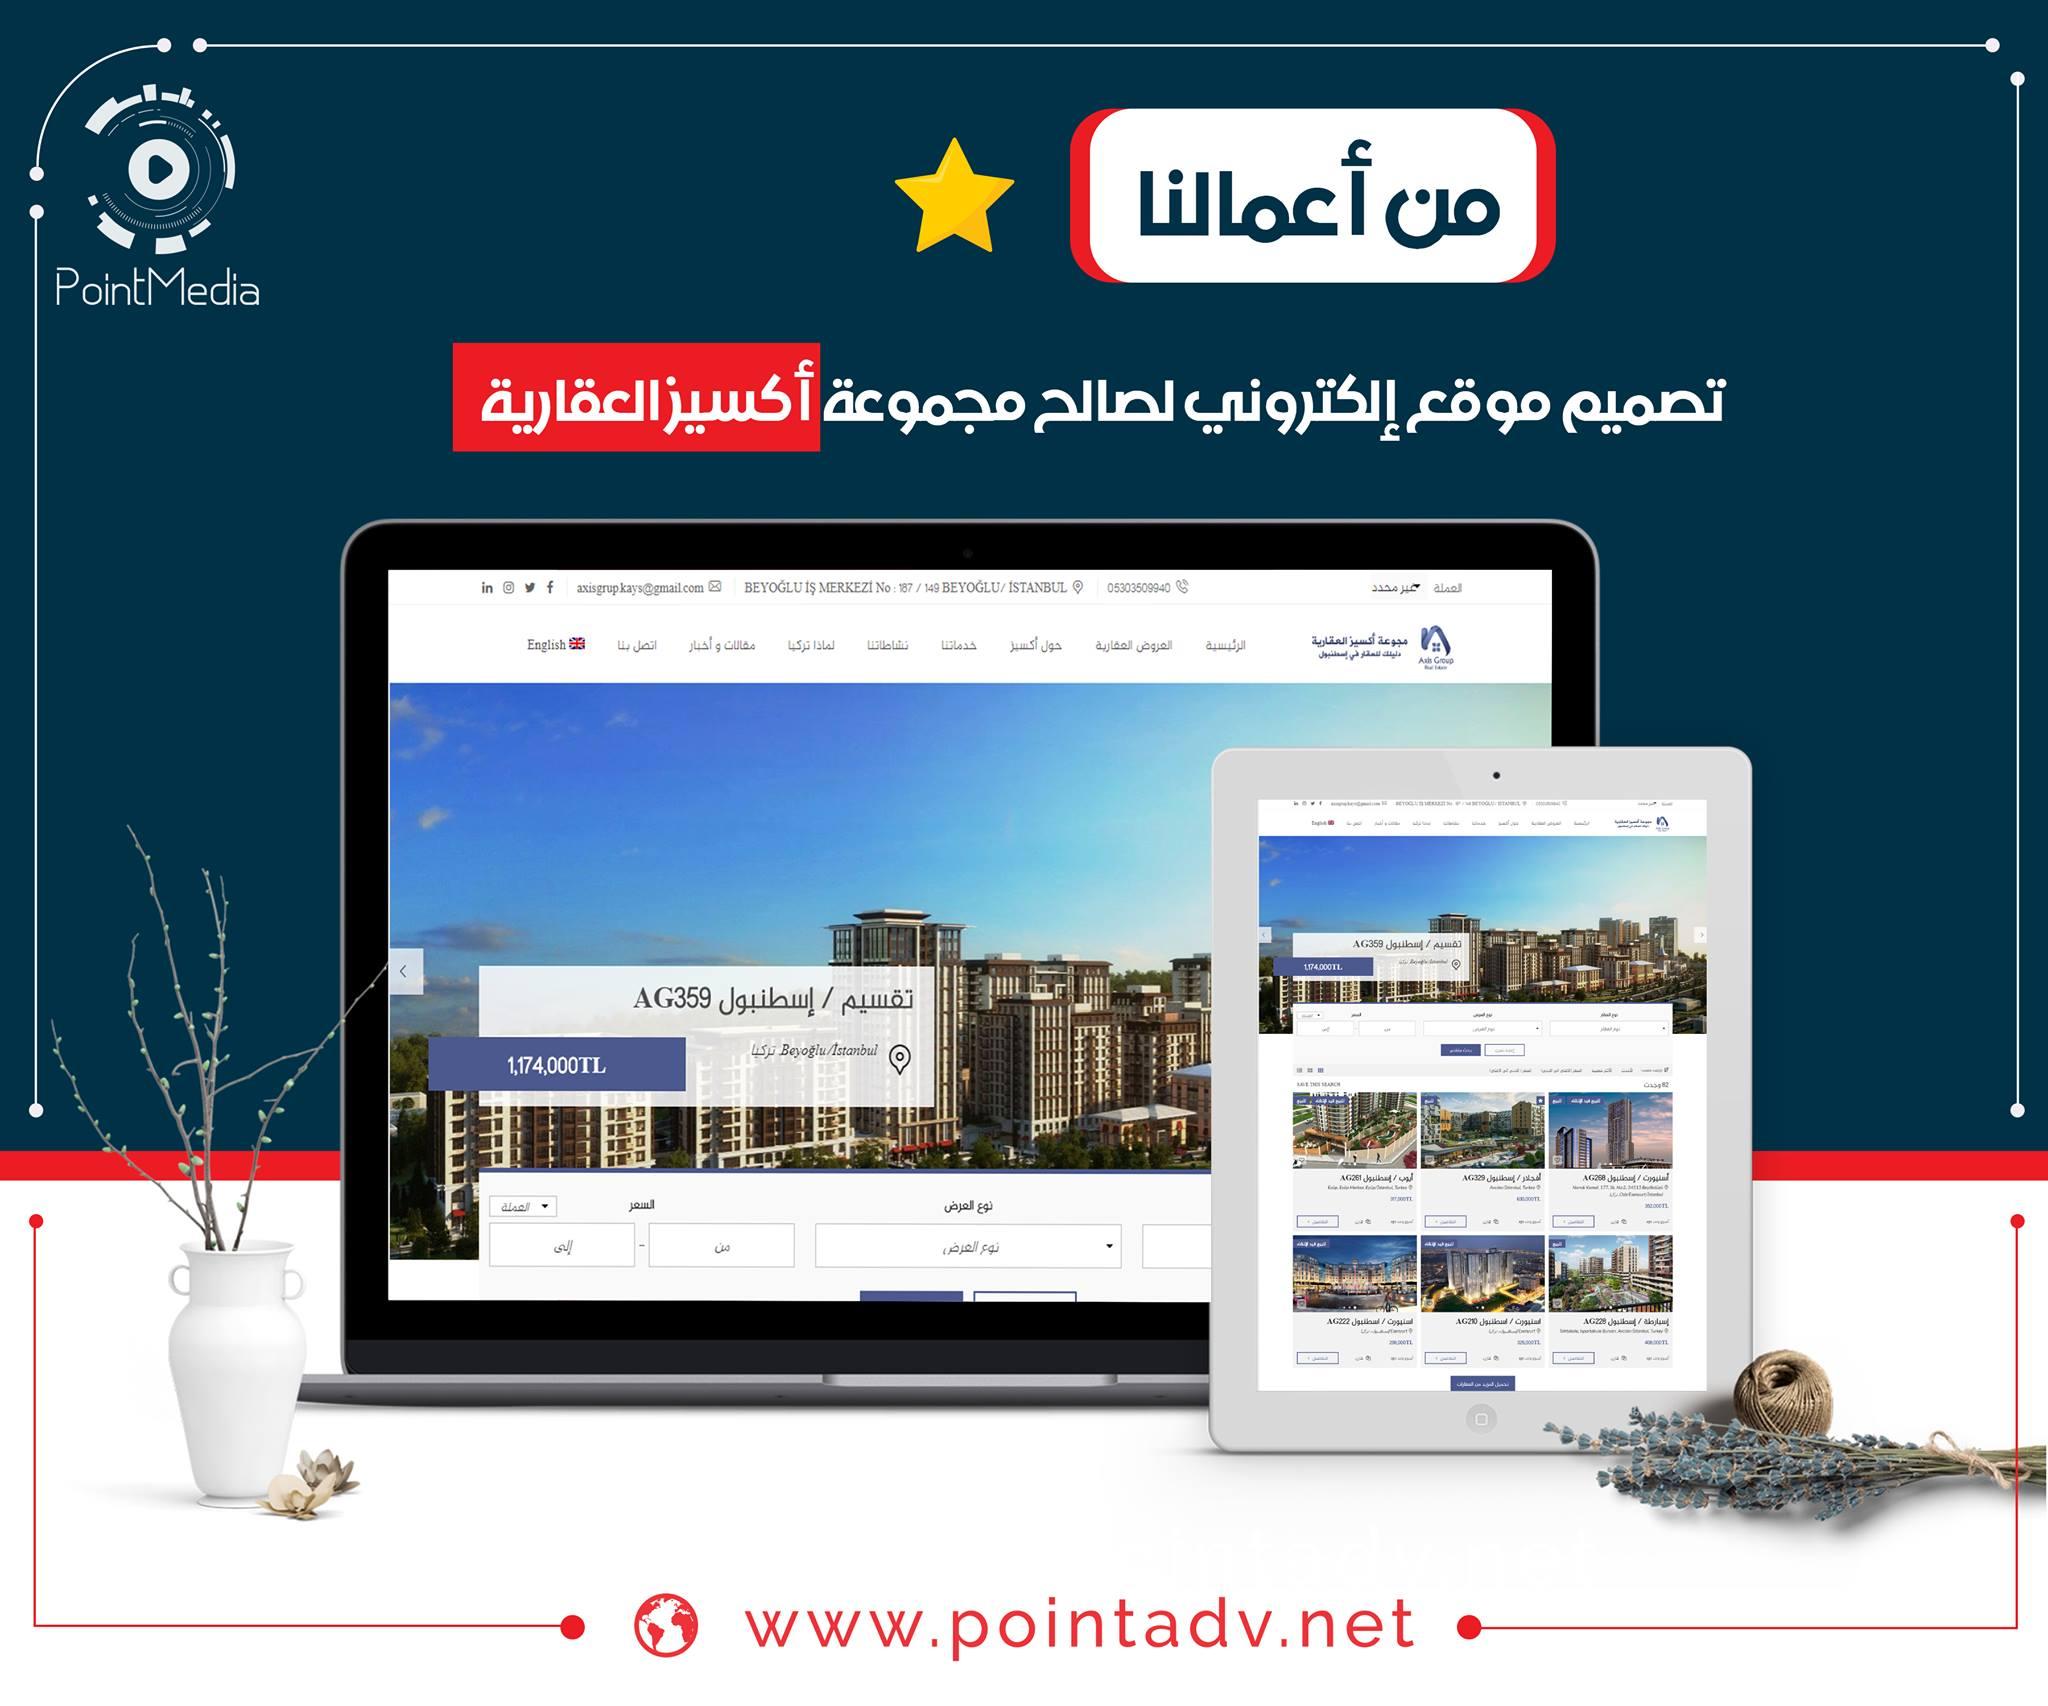 تصميم المواقع الالكترونية.تصميم موقع عقاري في تركيا